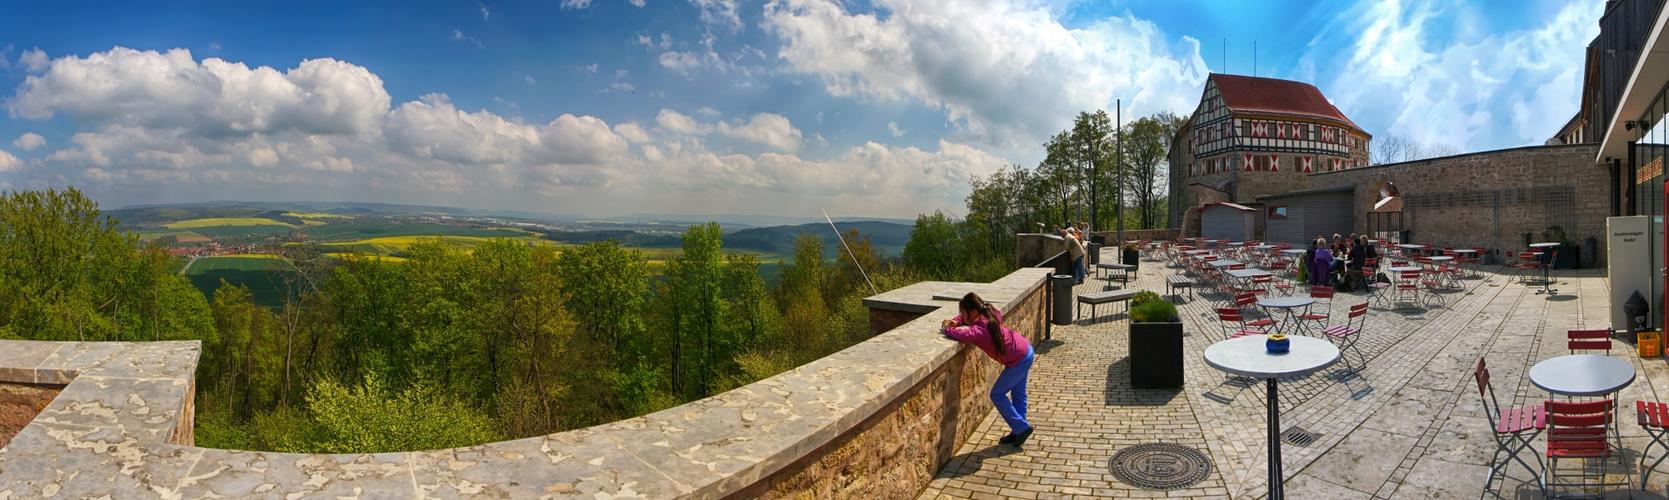 Weitsicht von der Burg Scharfenstein